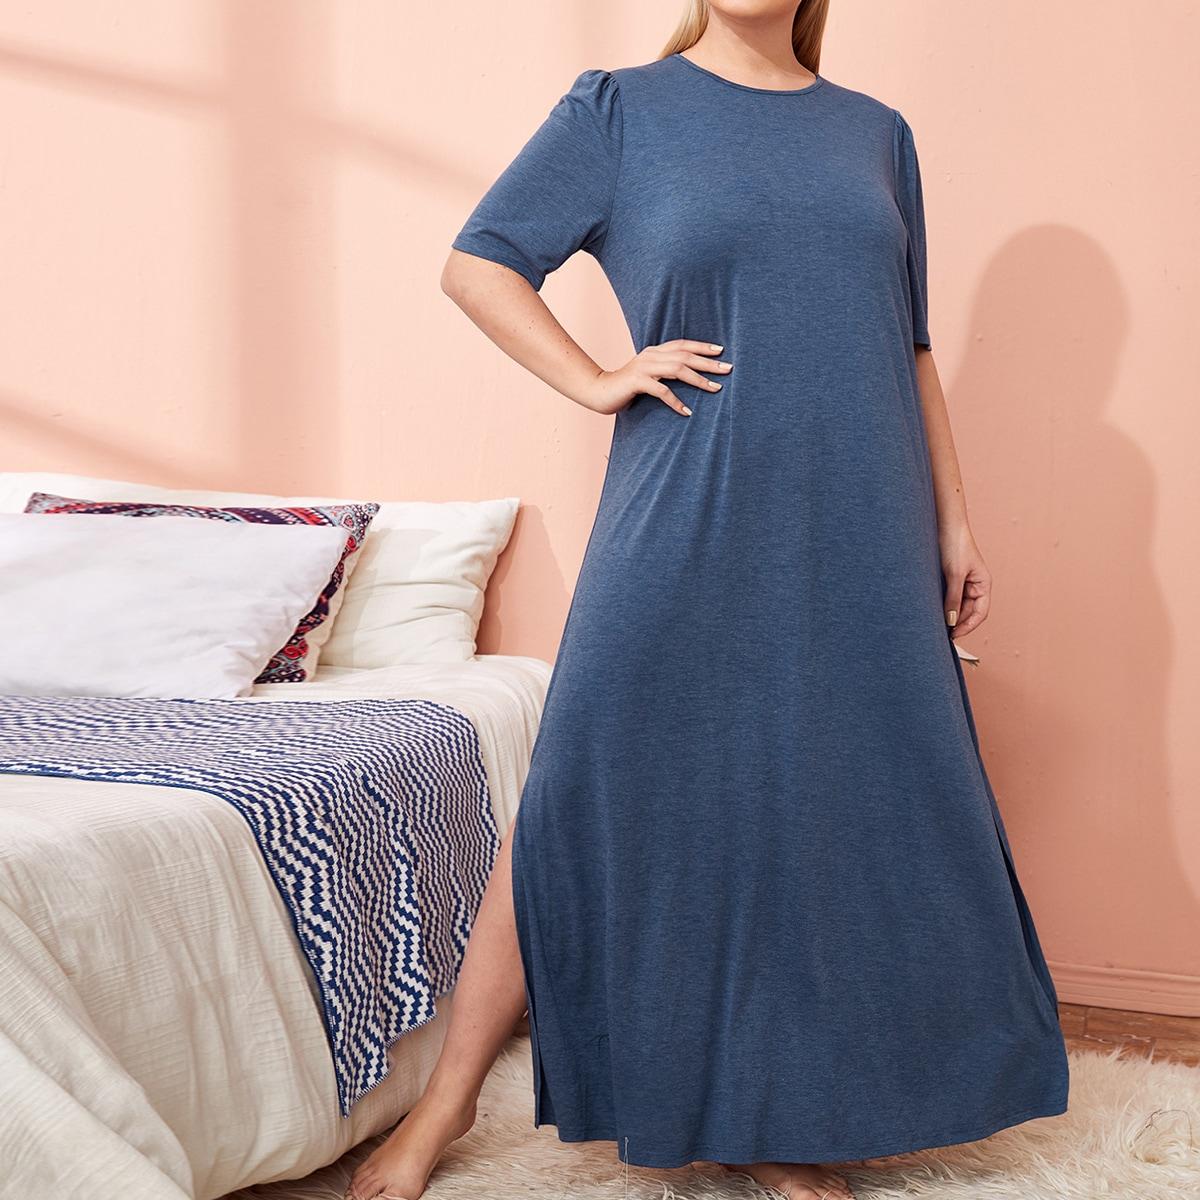 Простая однотонная пижама с разрезом по низу